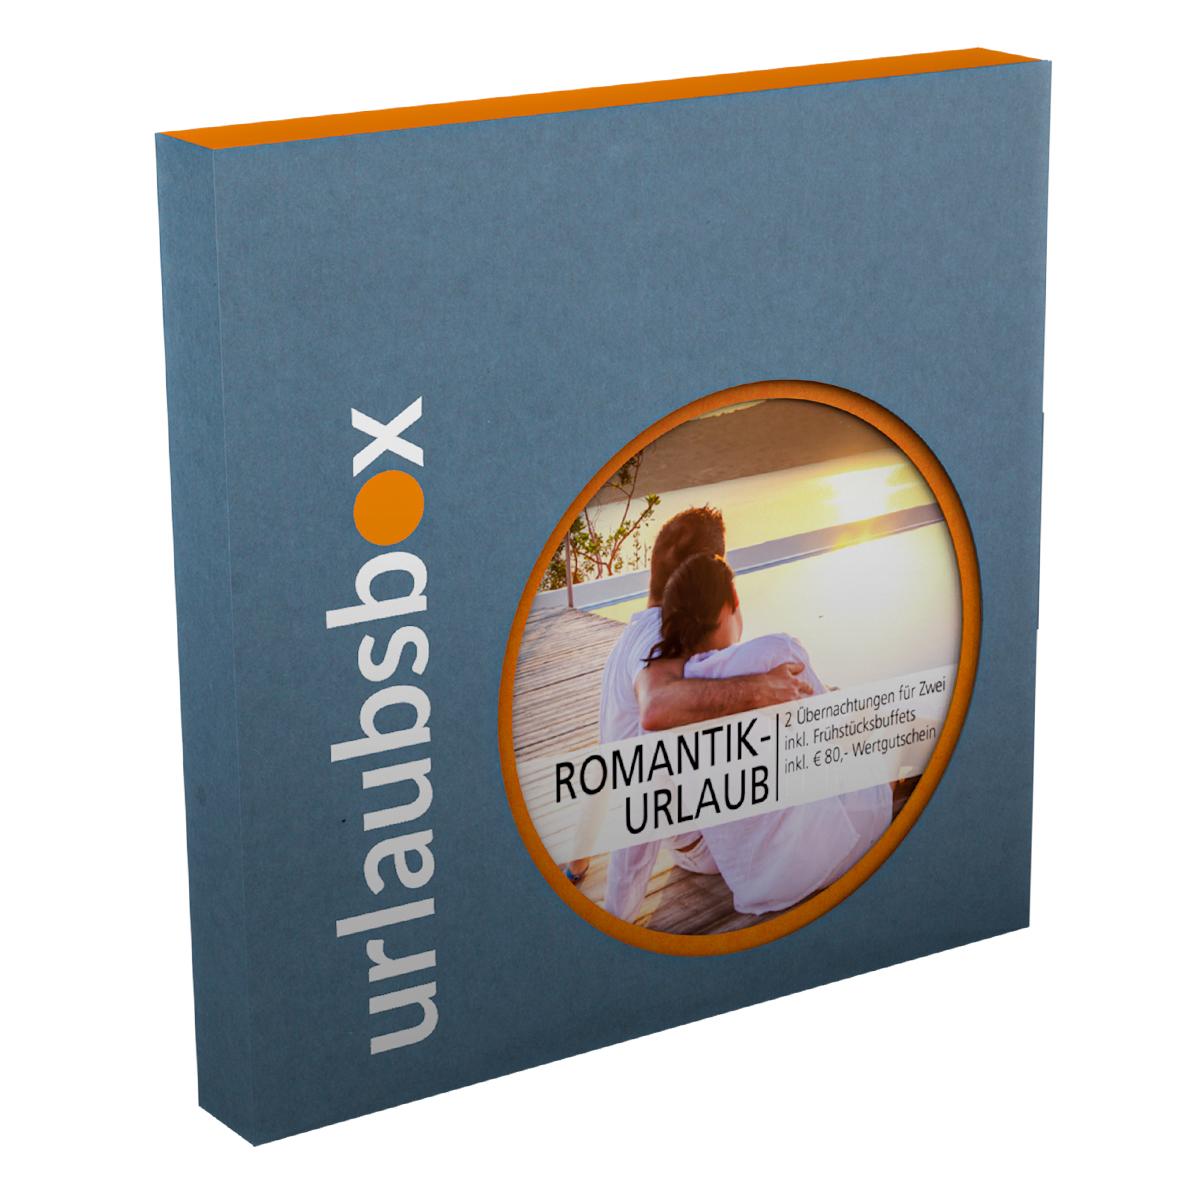 Romantikurlaub - Hotelgutschein Deluxe - 2